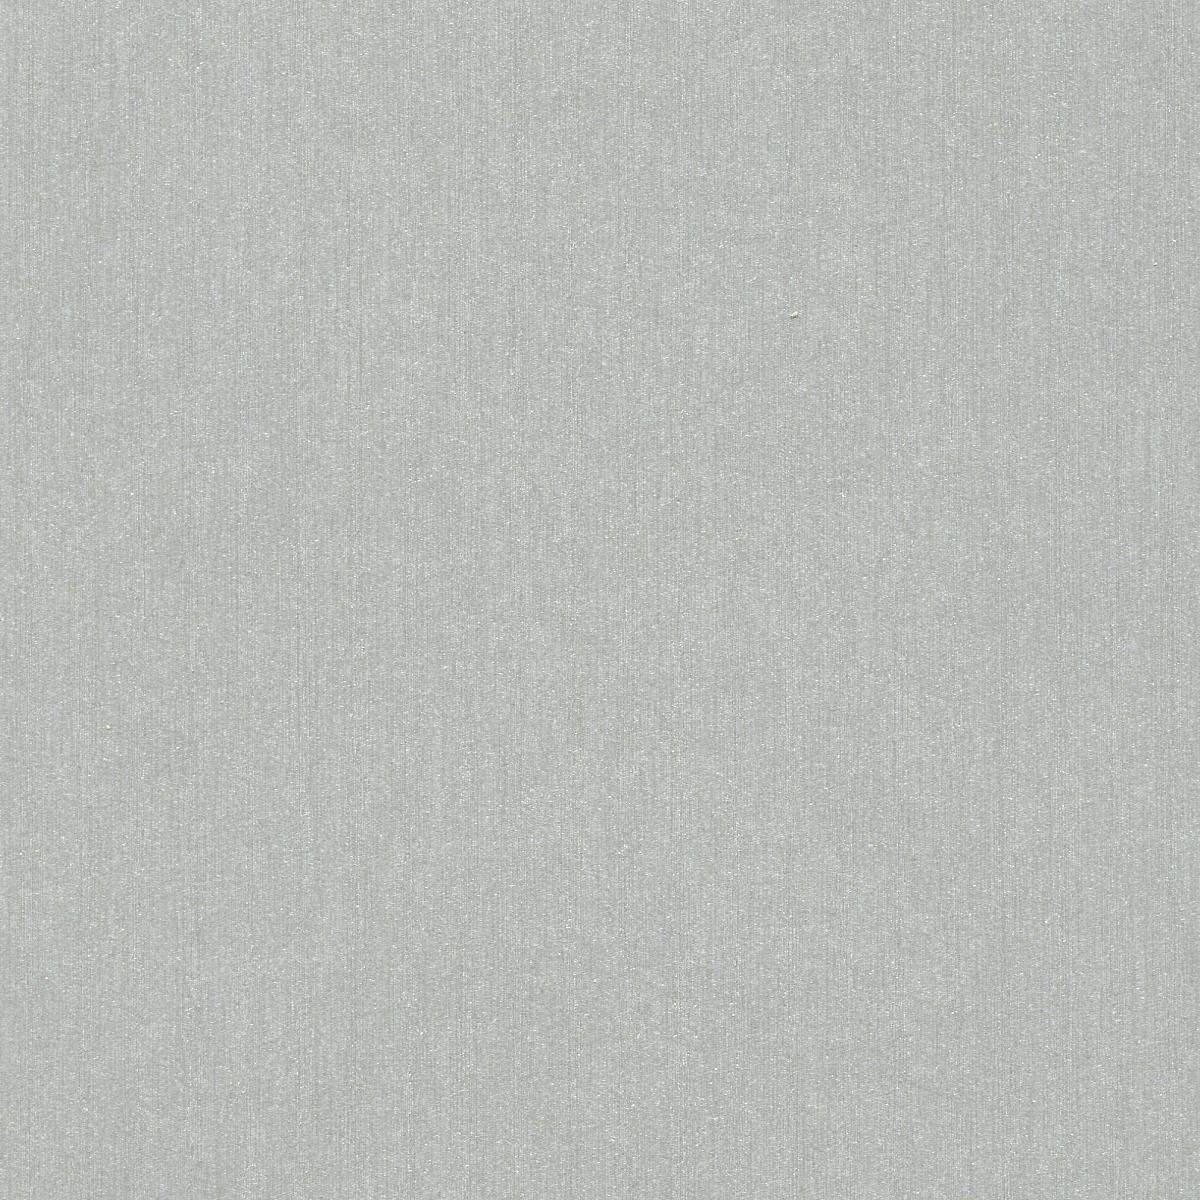 Столешница алюминиевая рябь купить лучше из чего столешница на кухне